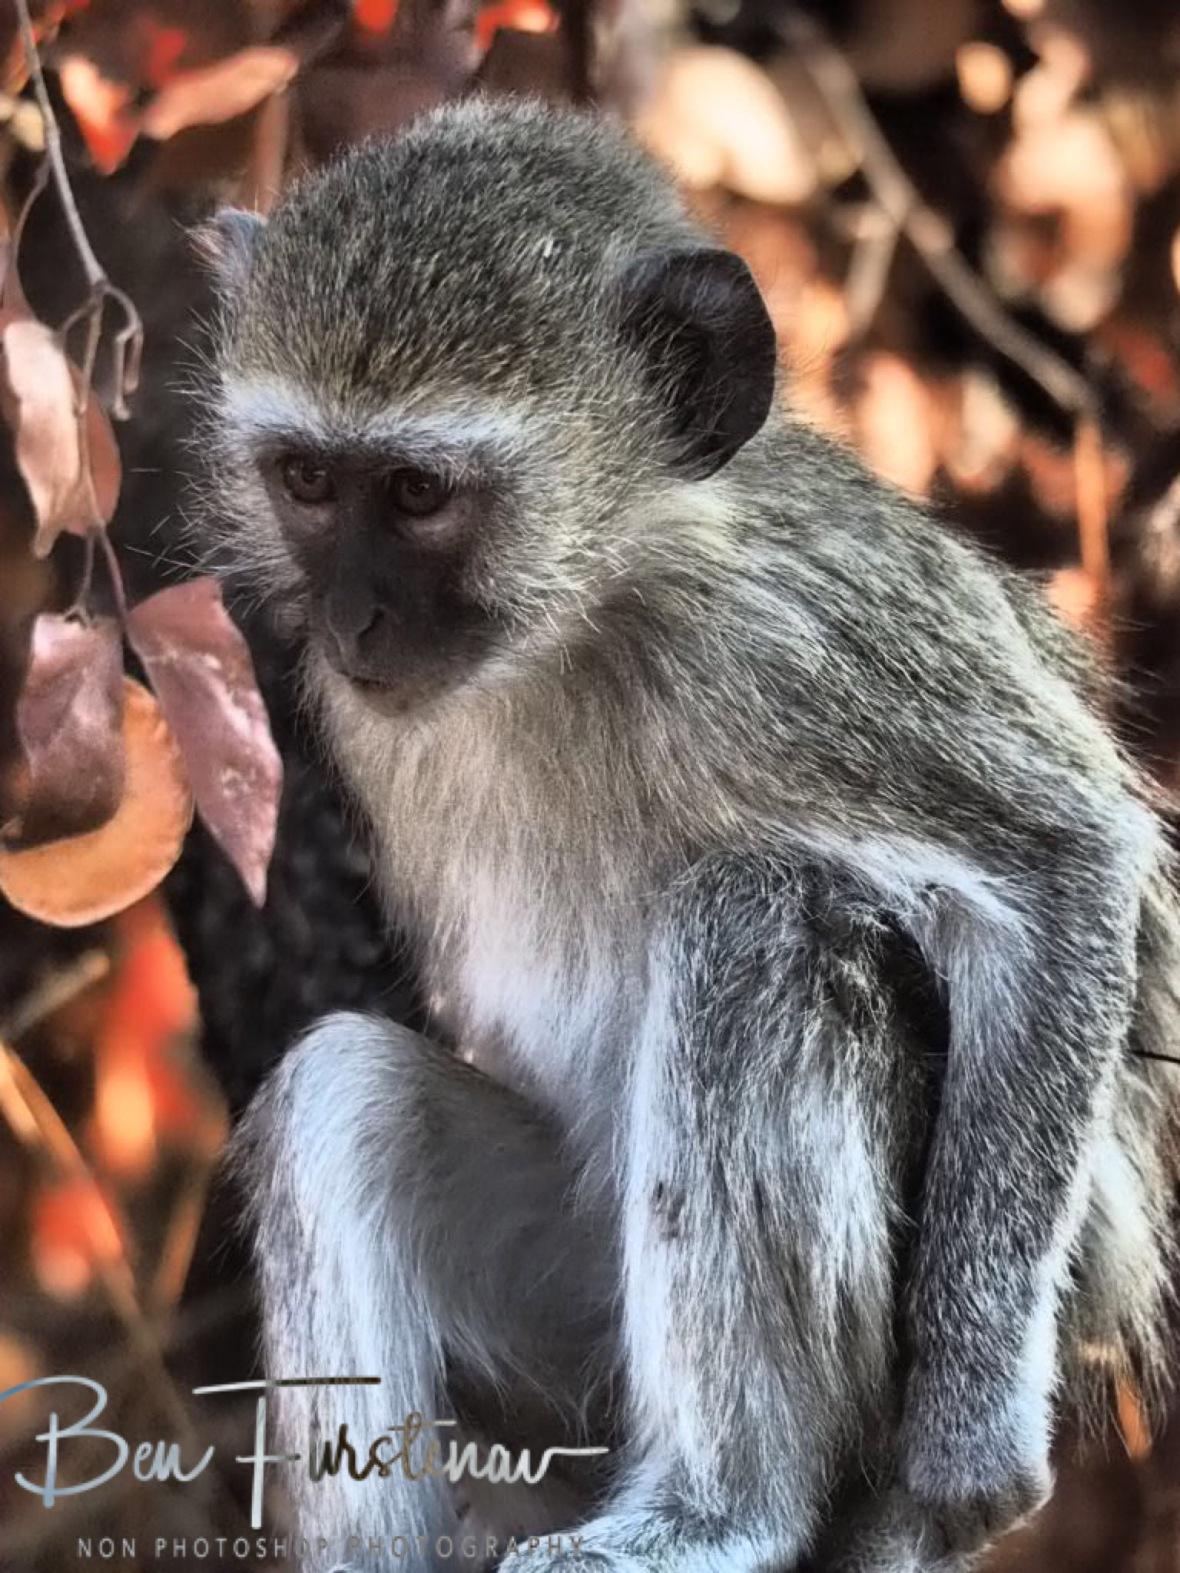 On the lookout for mischief, Moremi National Park, Okavango Delta, Botswana